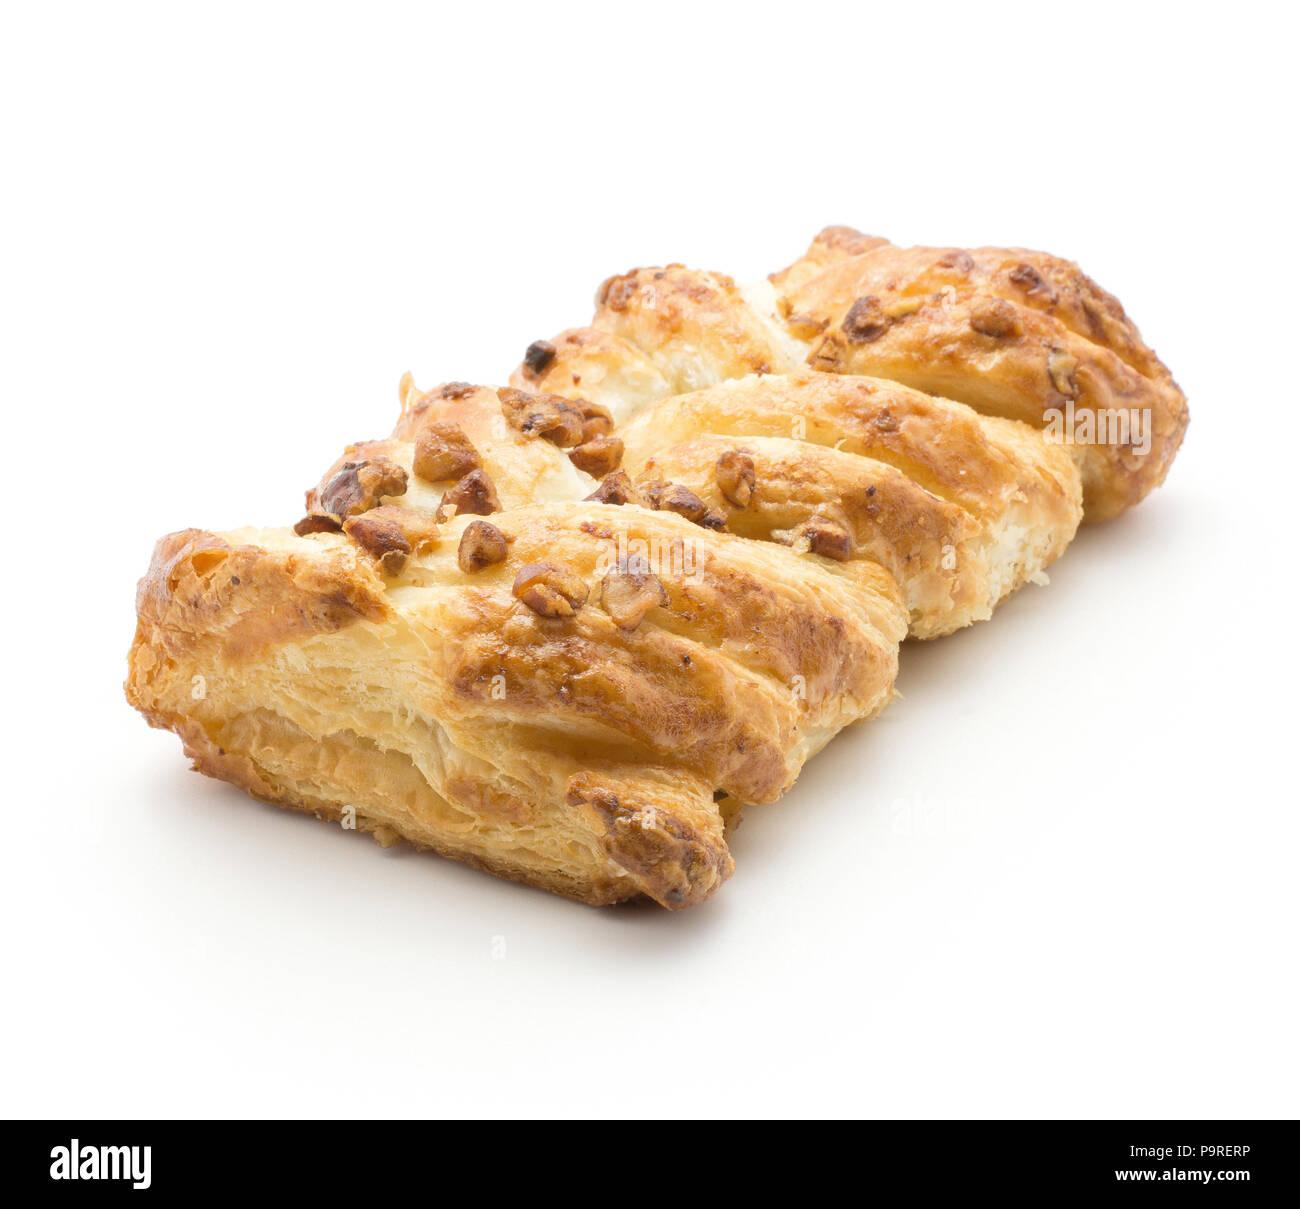 Un pain twist isolé sur fond blanc avec l'intérieur de confiture et de noix de pécan Photo Stock